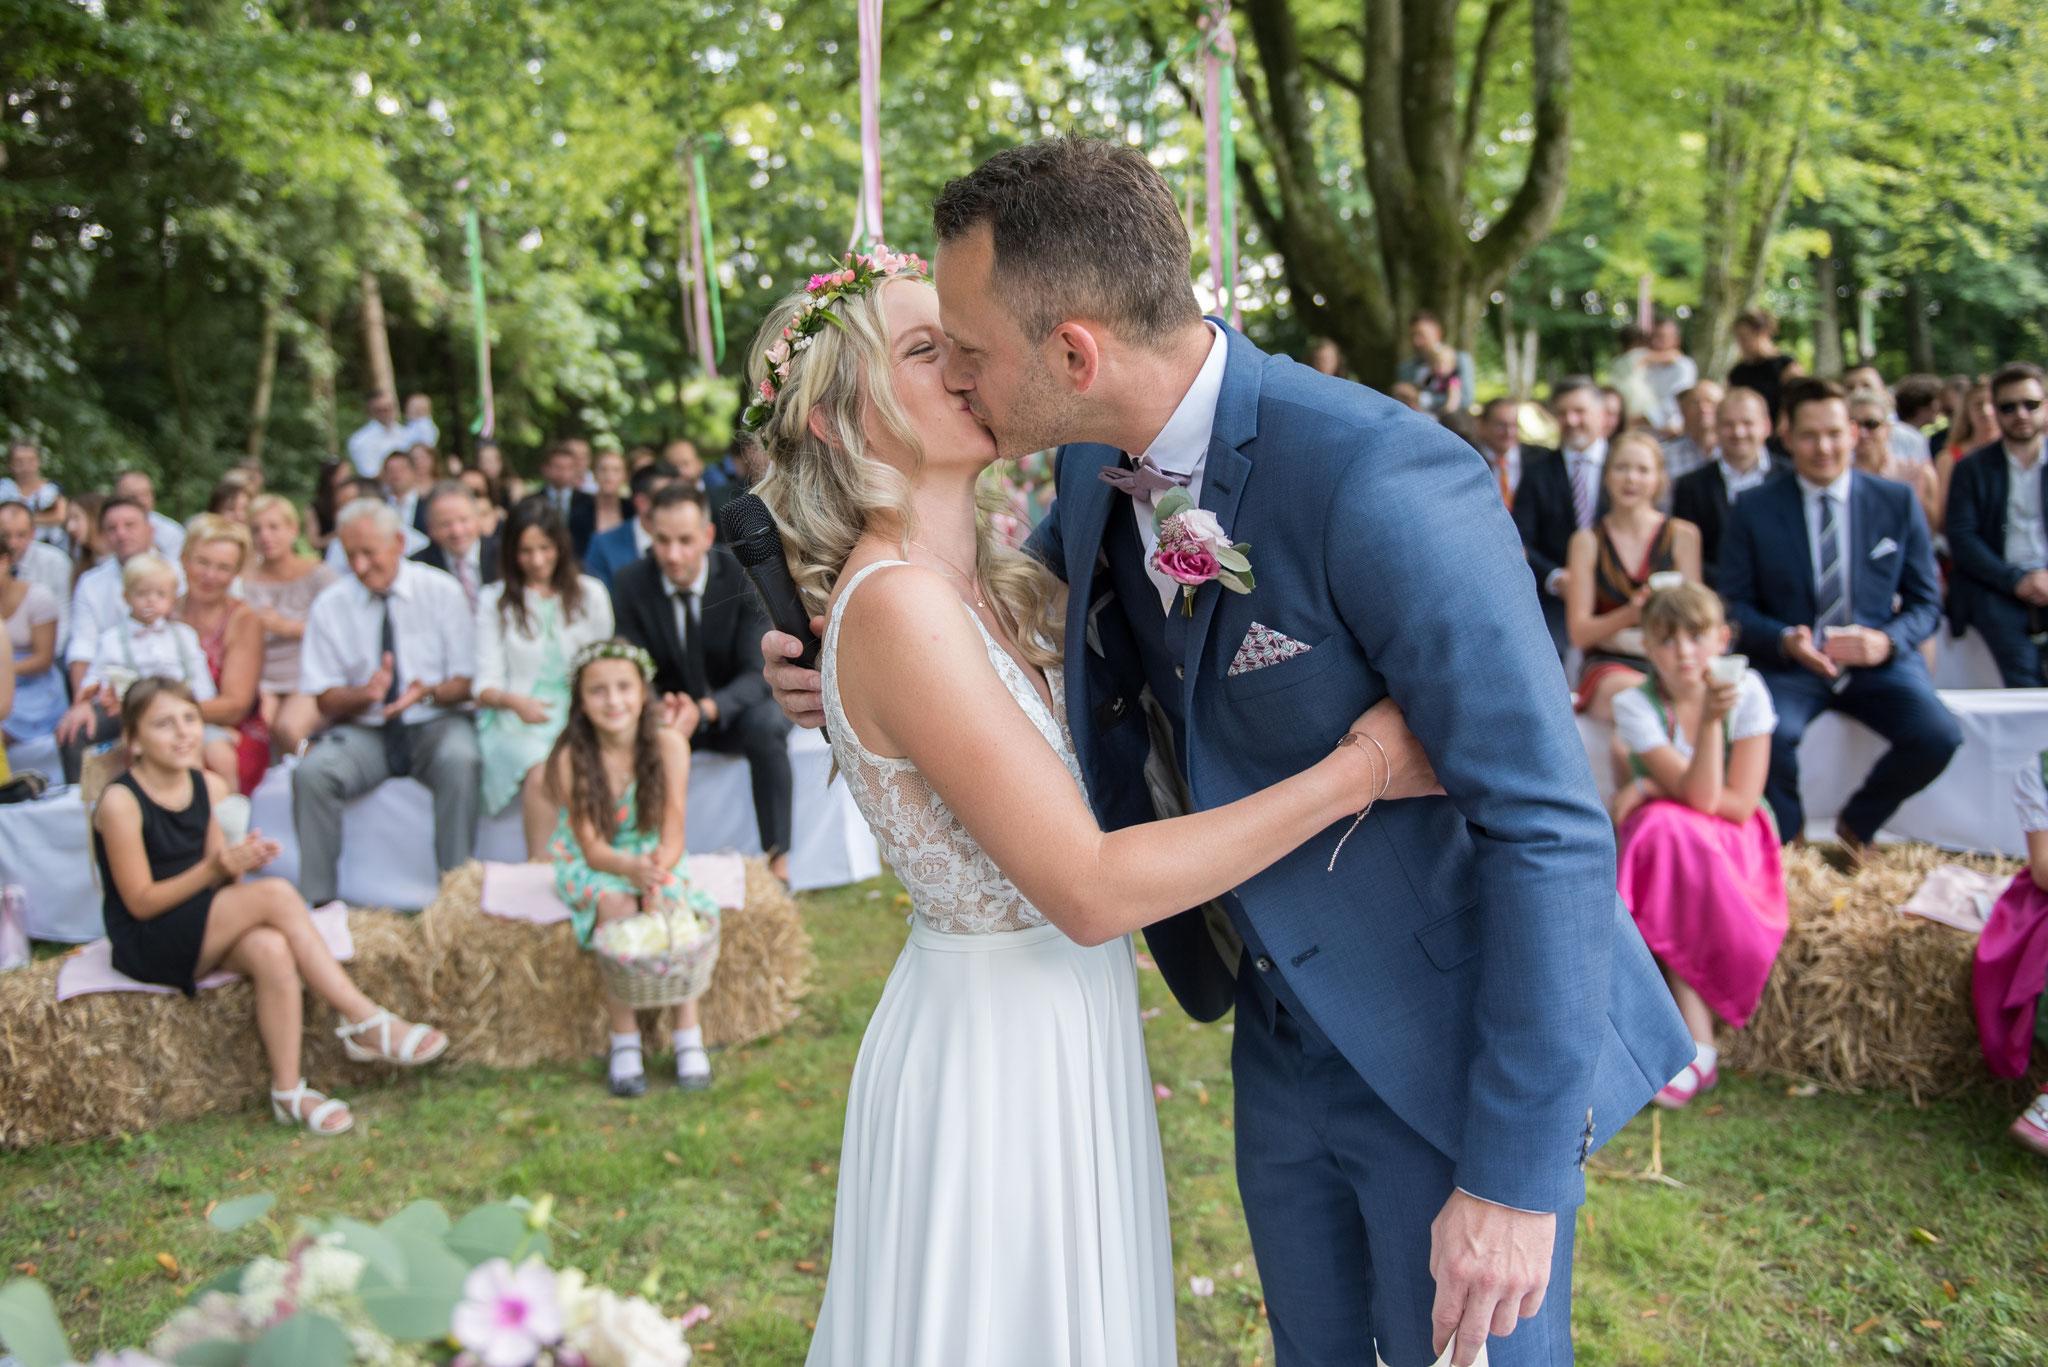 Das darf mit einem Kuss belohnt werden. Nun ist die Ehe besiegelt (Foto: Gabor Szeiler)